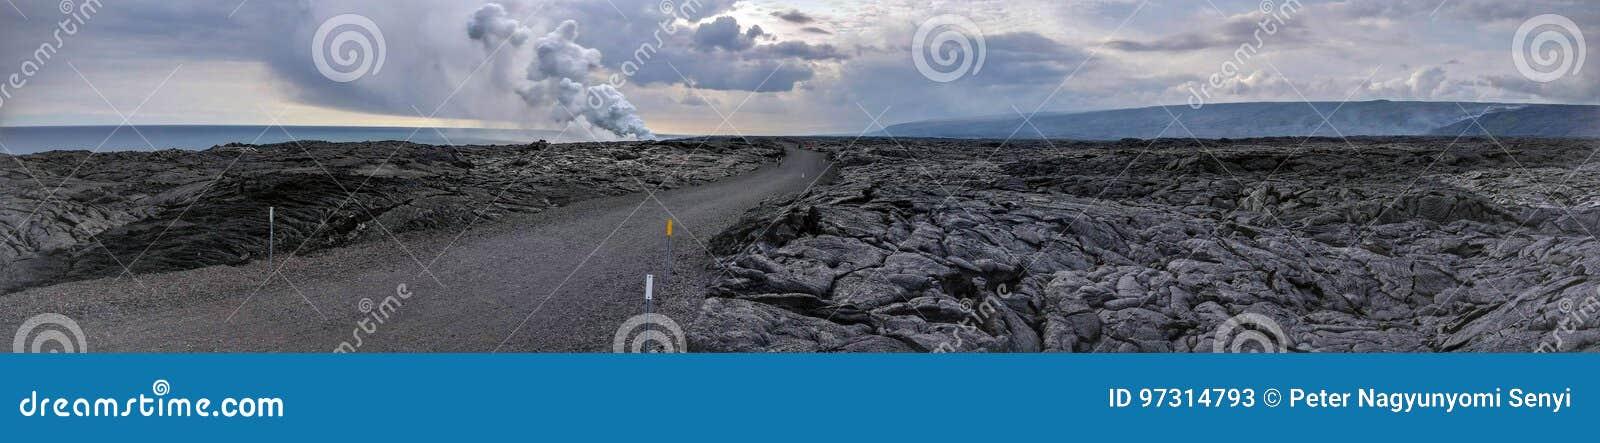 Lava Delta em um deserto da rocha da lava com a estrada no meio